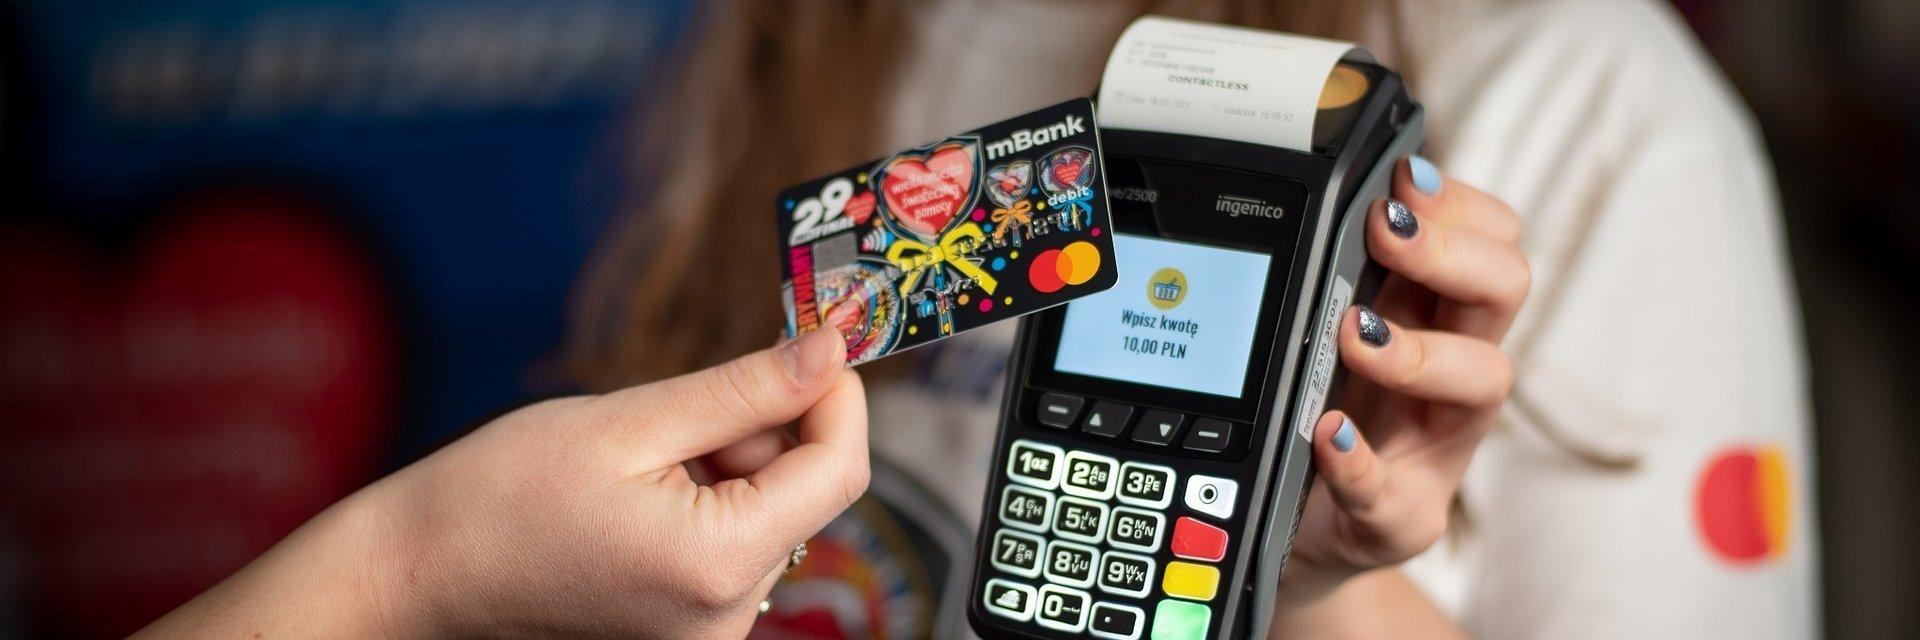 W sklepach można Żabka wspierać WOŚP płacąc kartą!